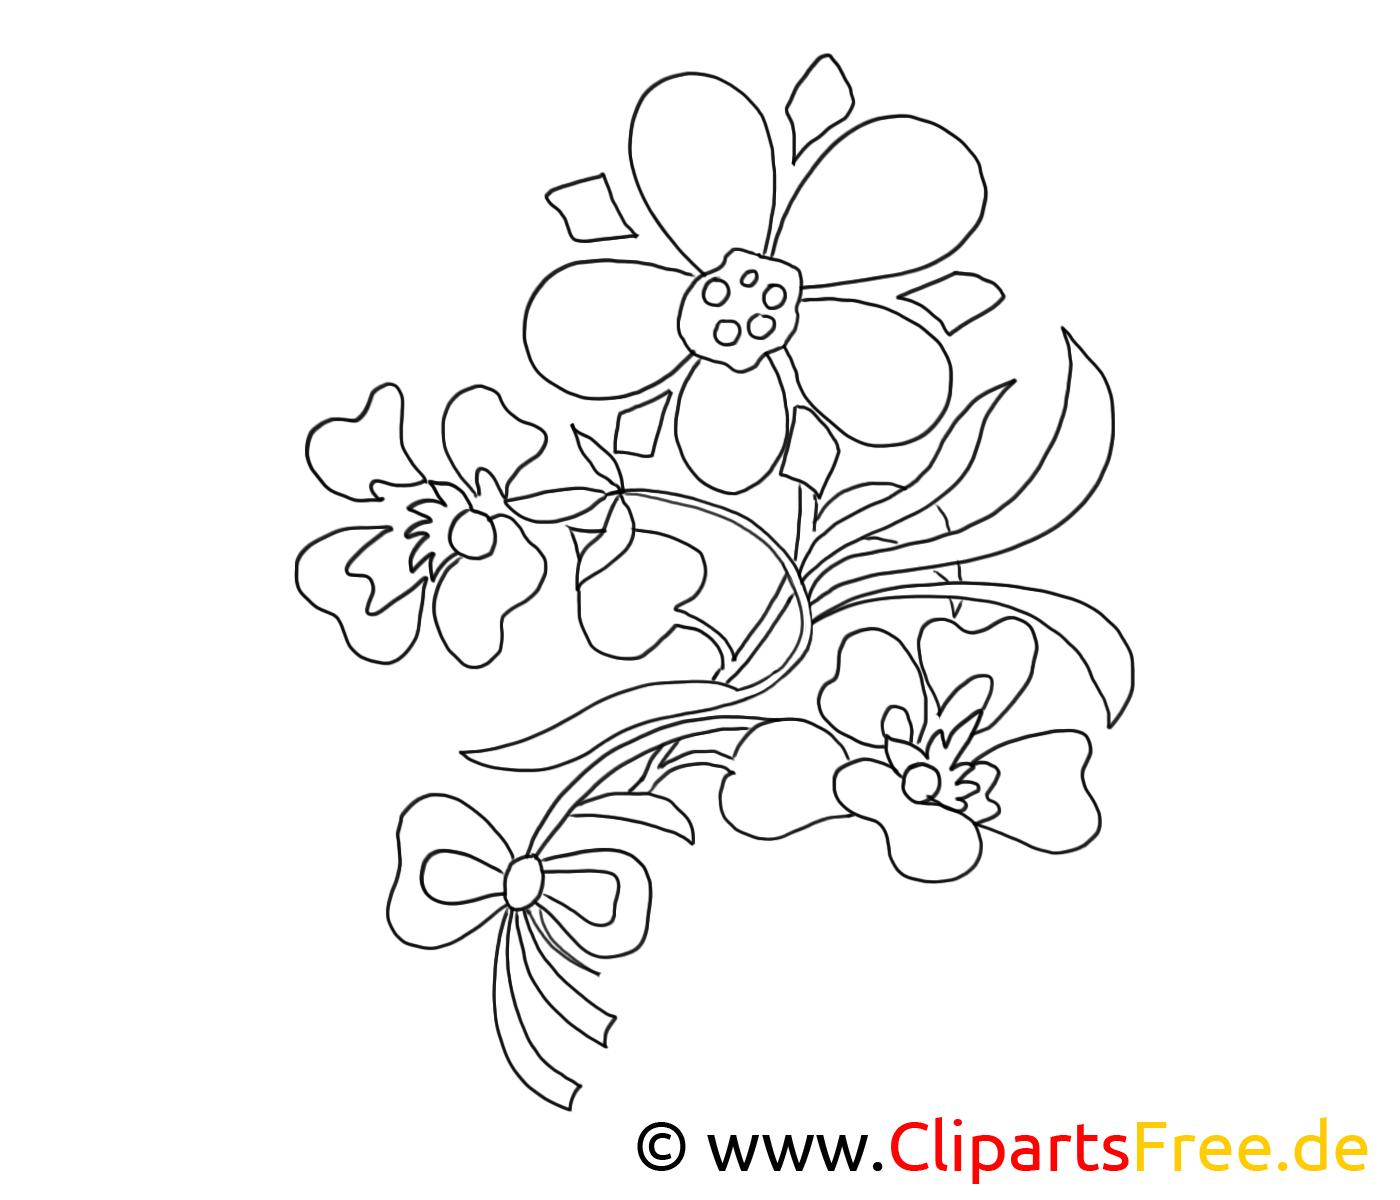 malvorlagen blumen und blüten kostenlos